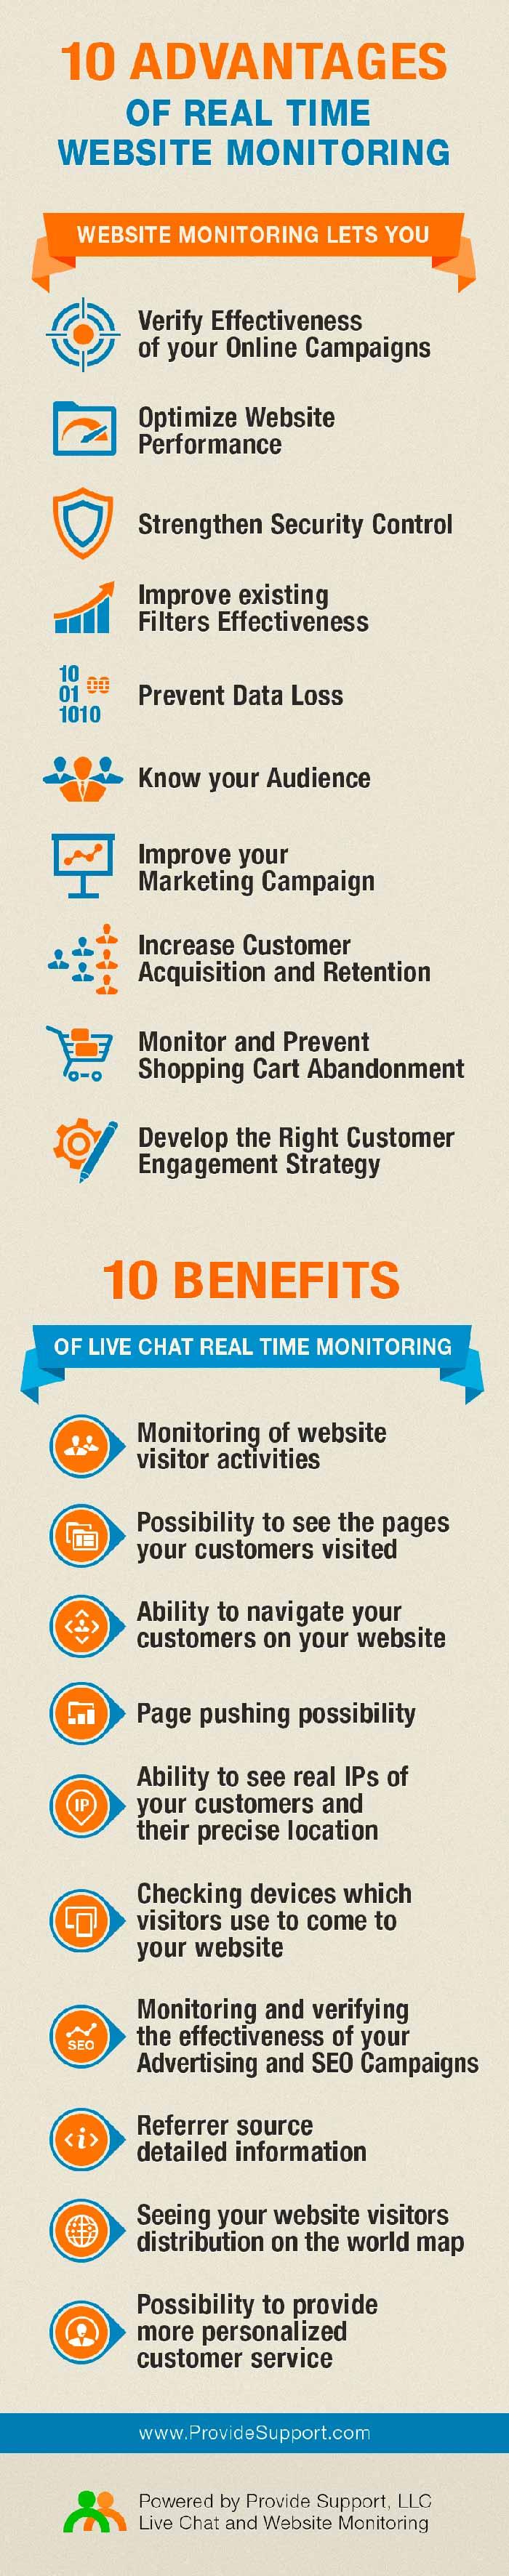 Infografia sobre las 10 ventajas de monitorizar una web en tiempo real